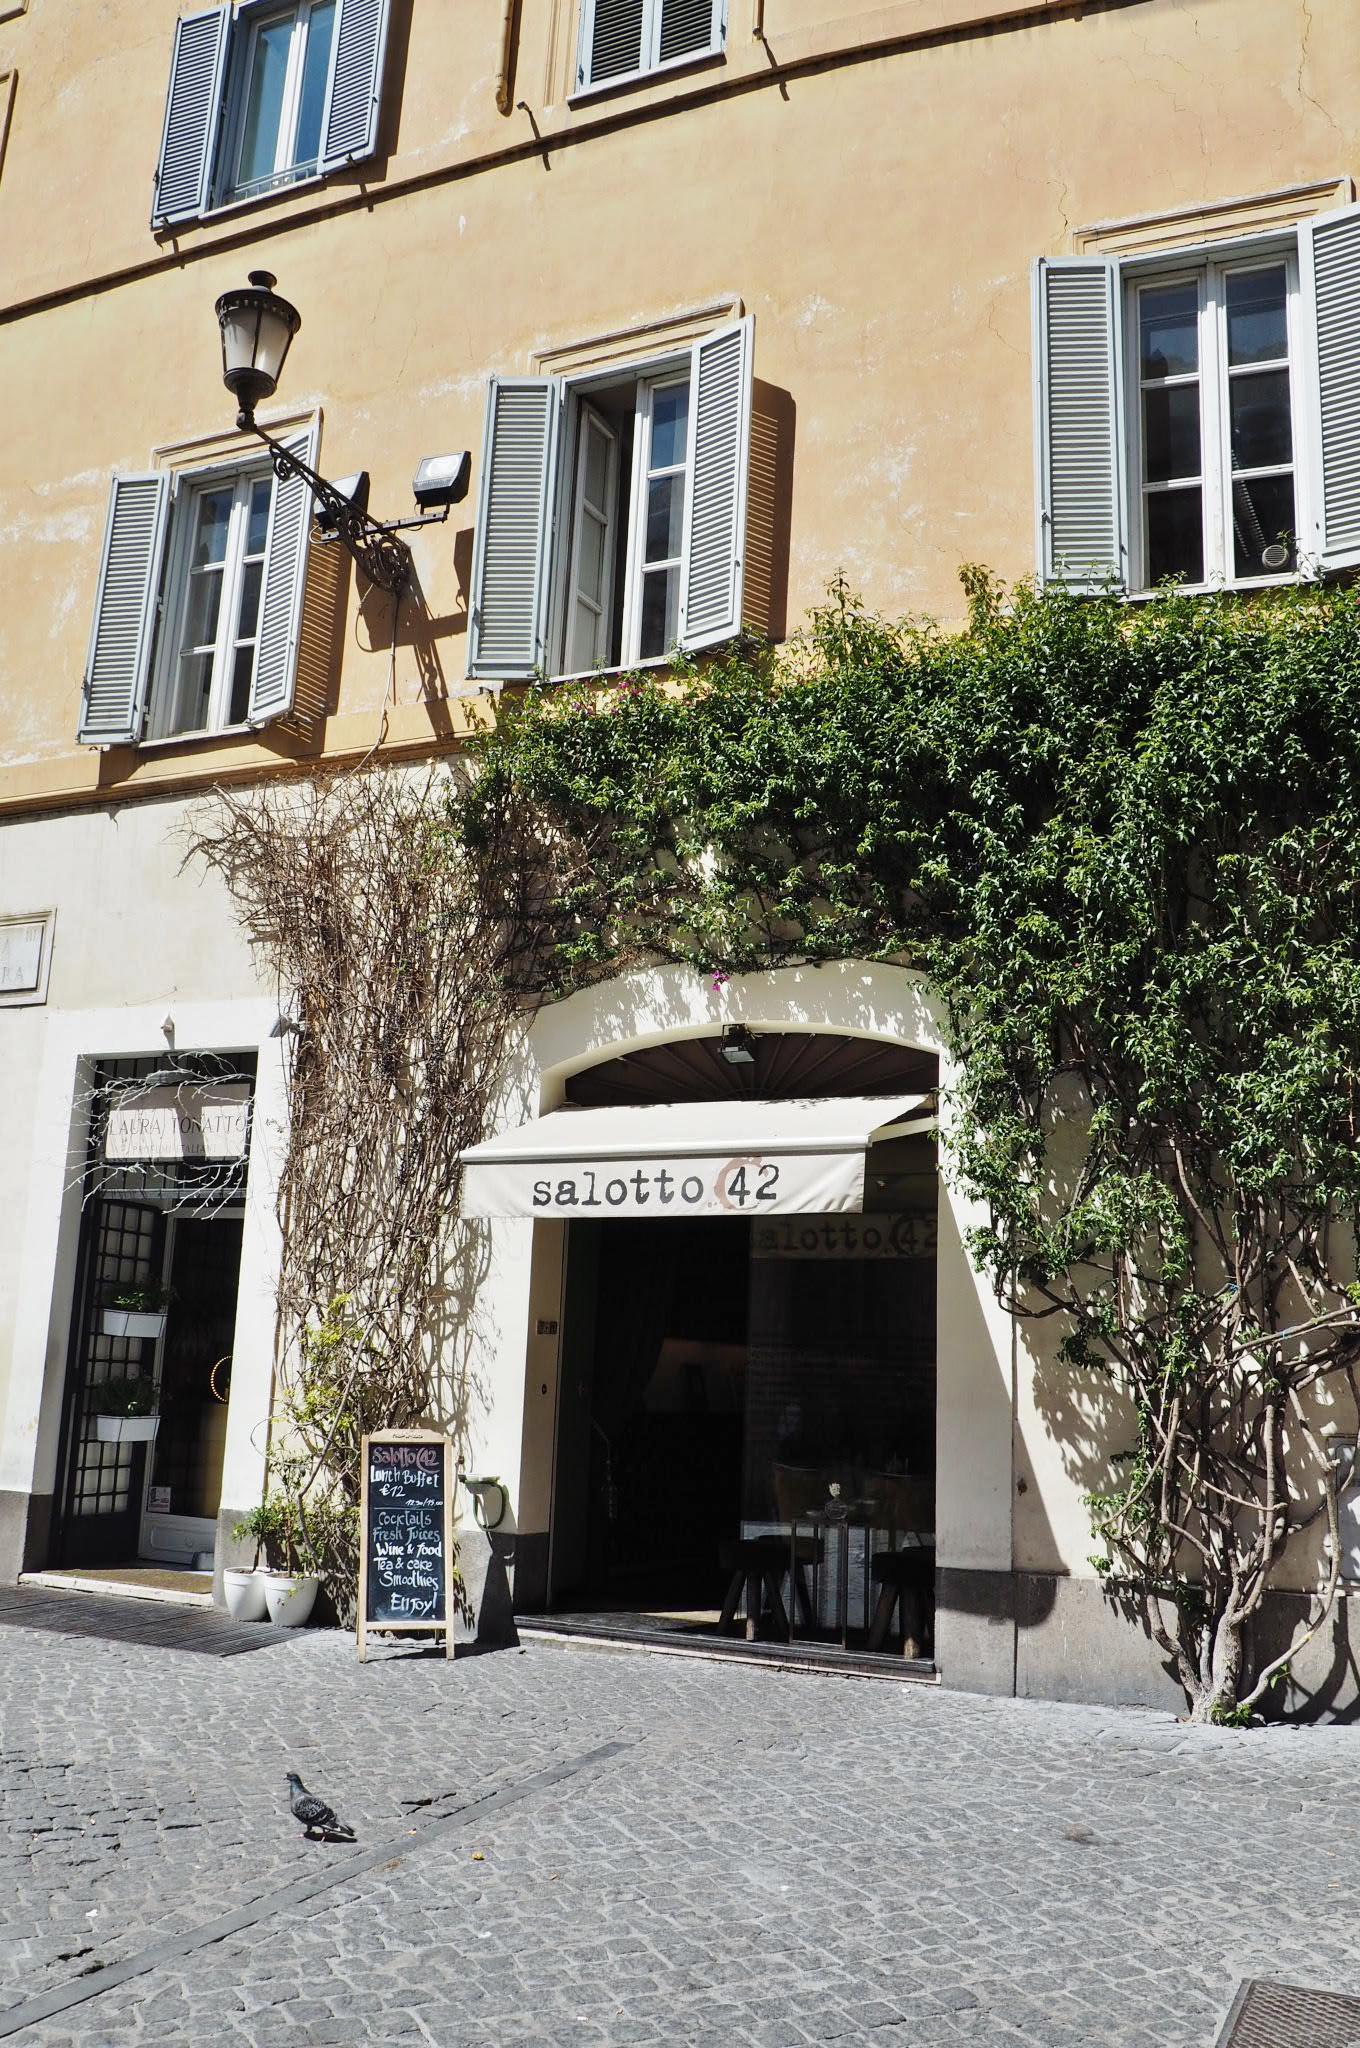 Emma Victoria Stokes Rome Holiday Restaurant